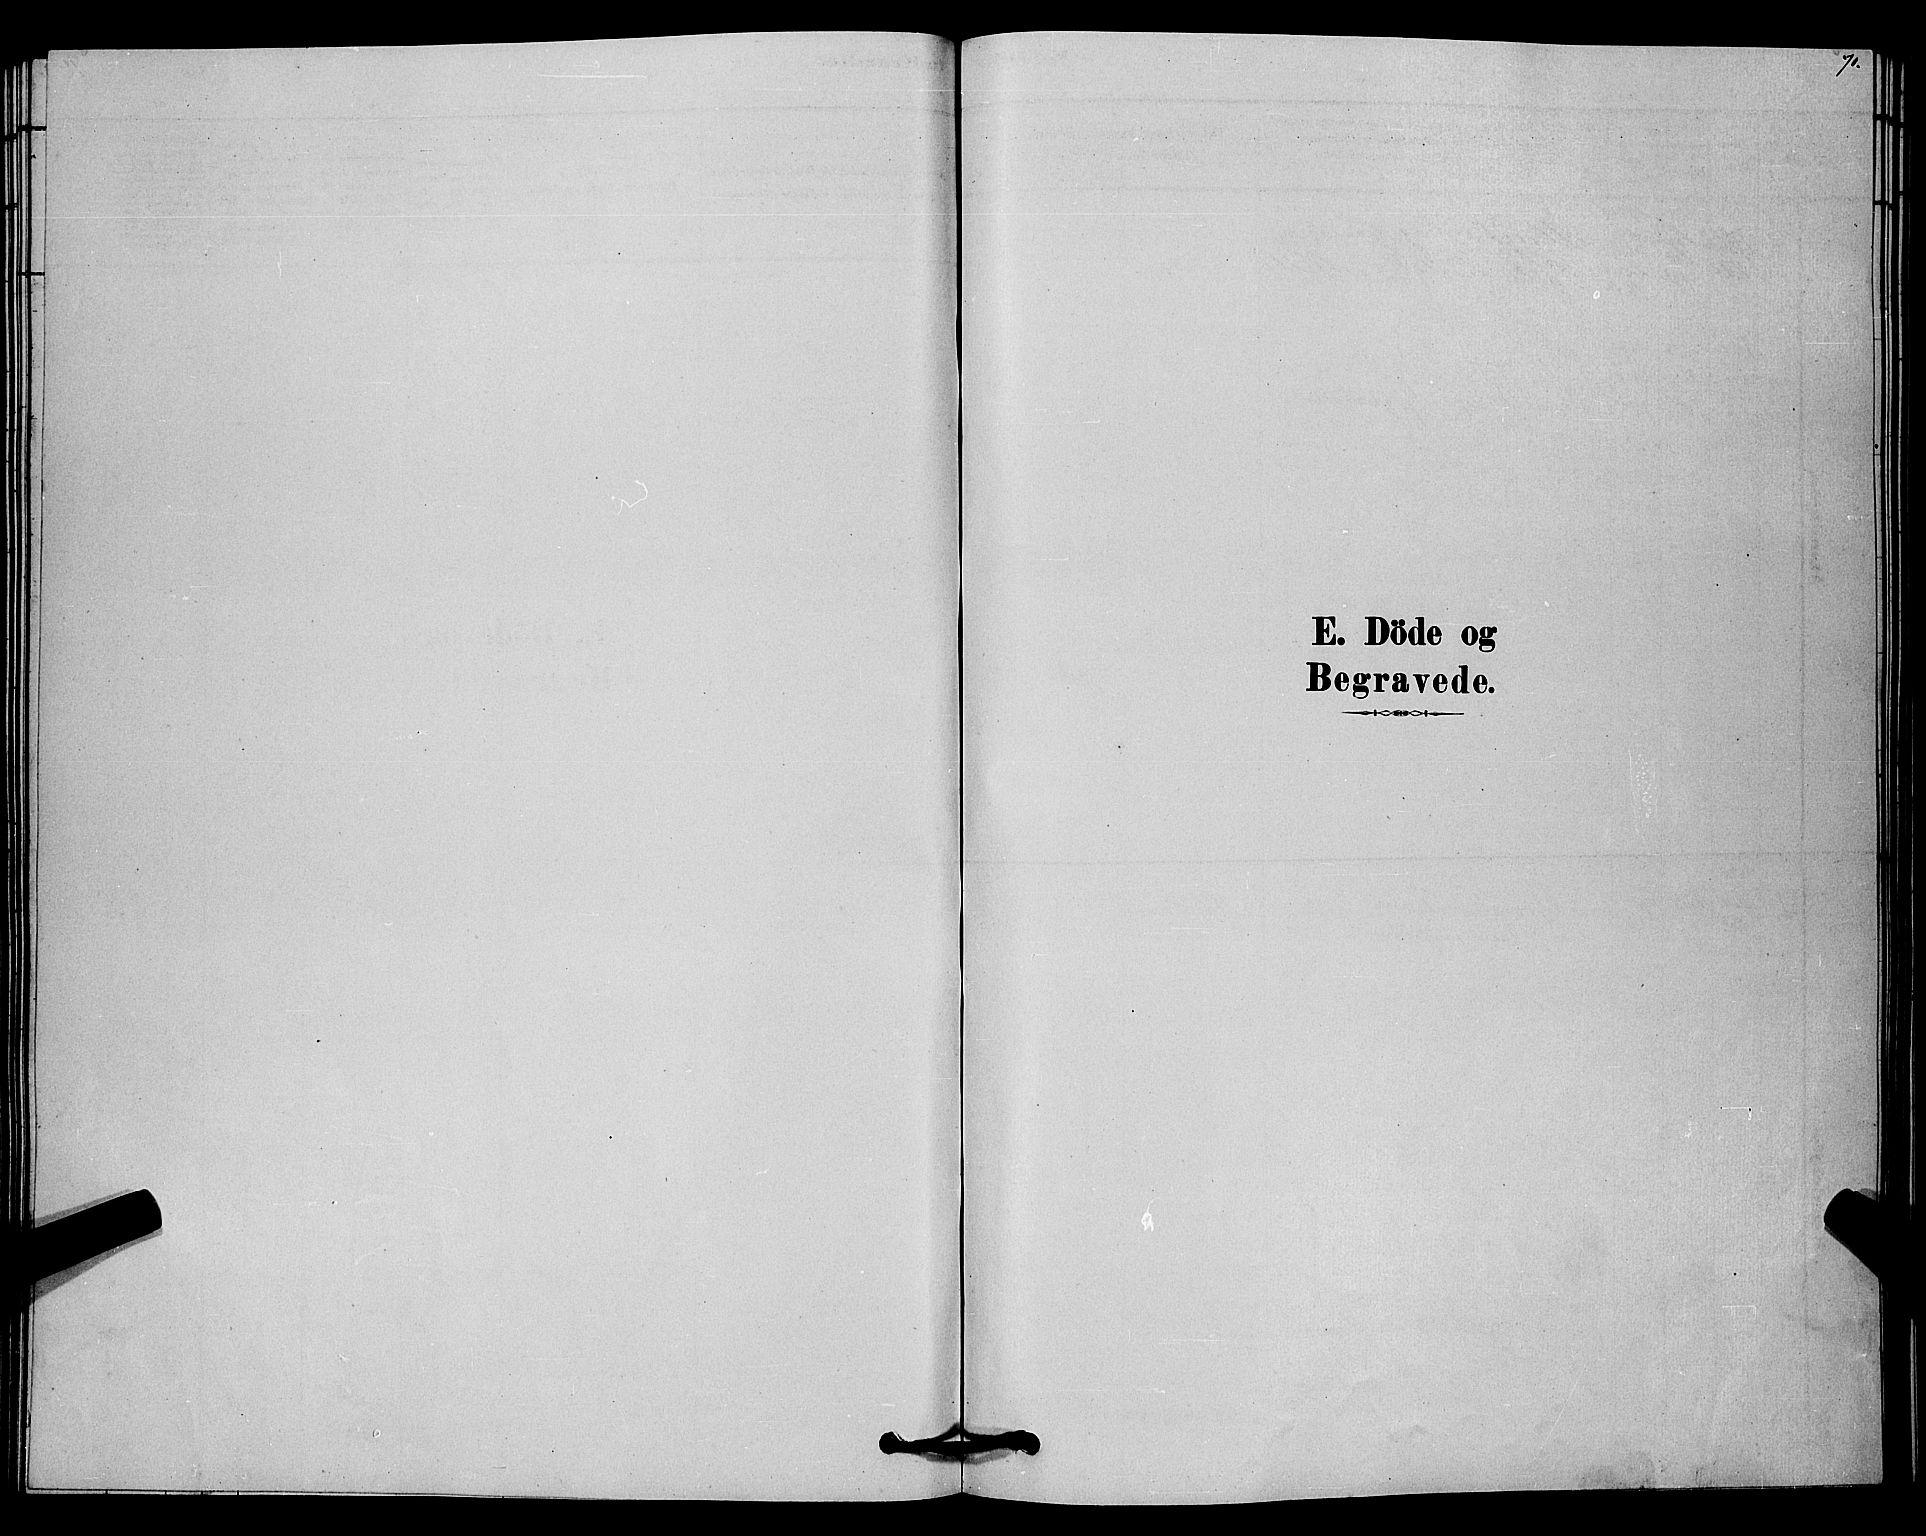 SAKO, Lårdal kirkebøker, G/Gc/L0003: Klokkerbok nr. III 3, 1878-1890, s. 70